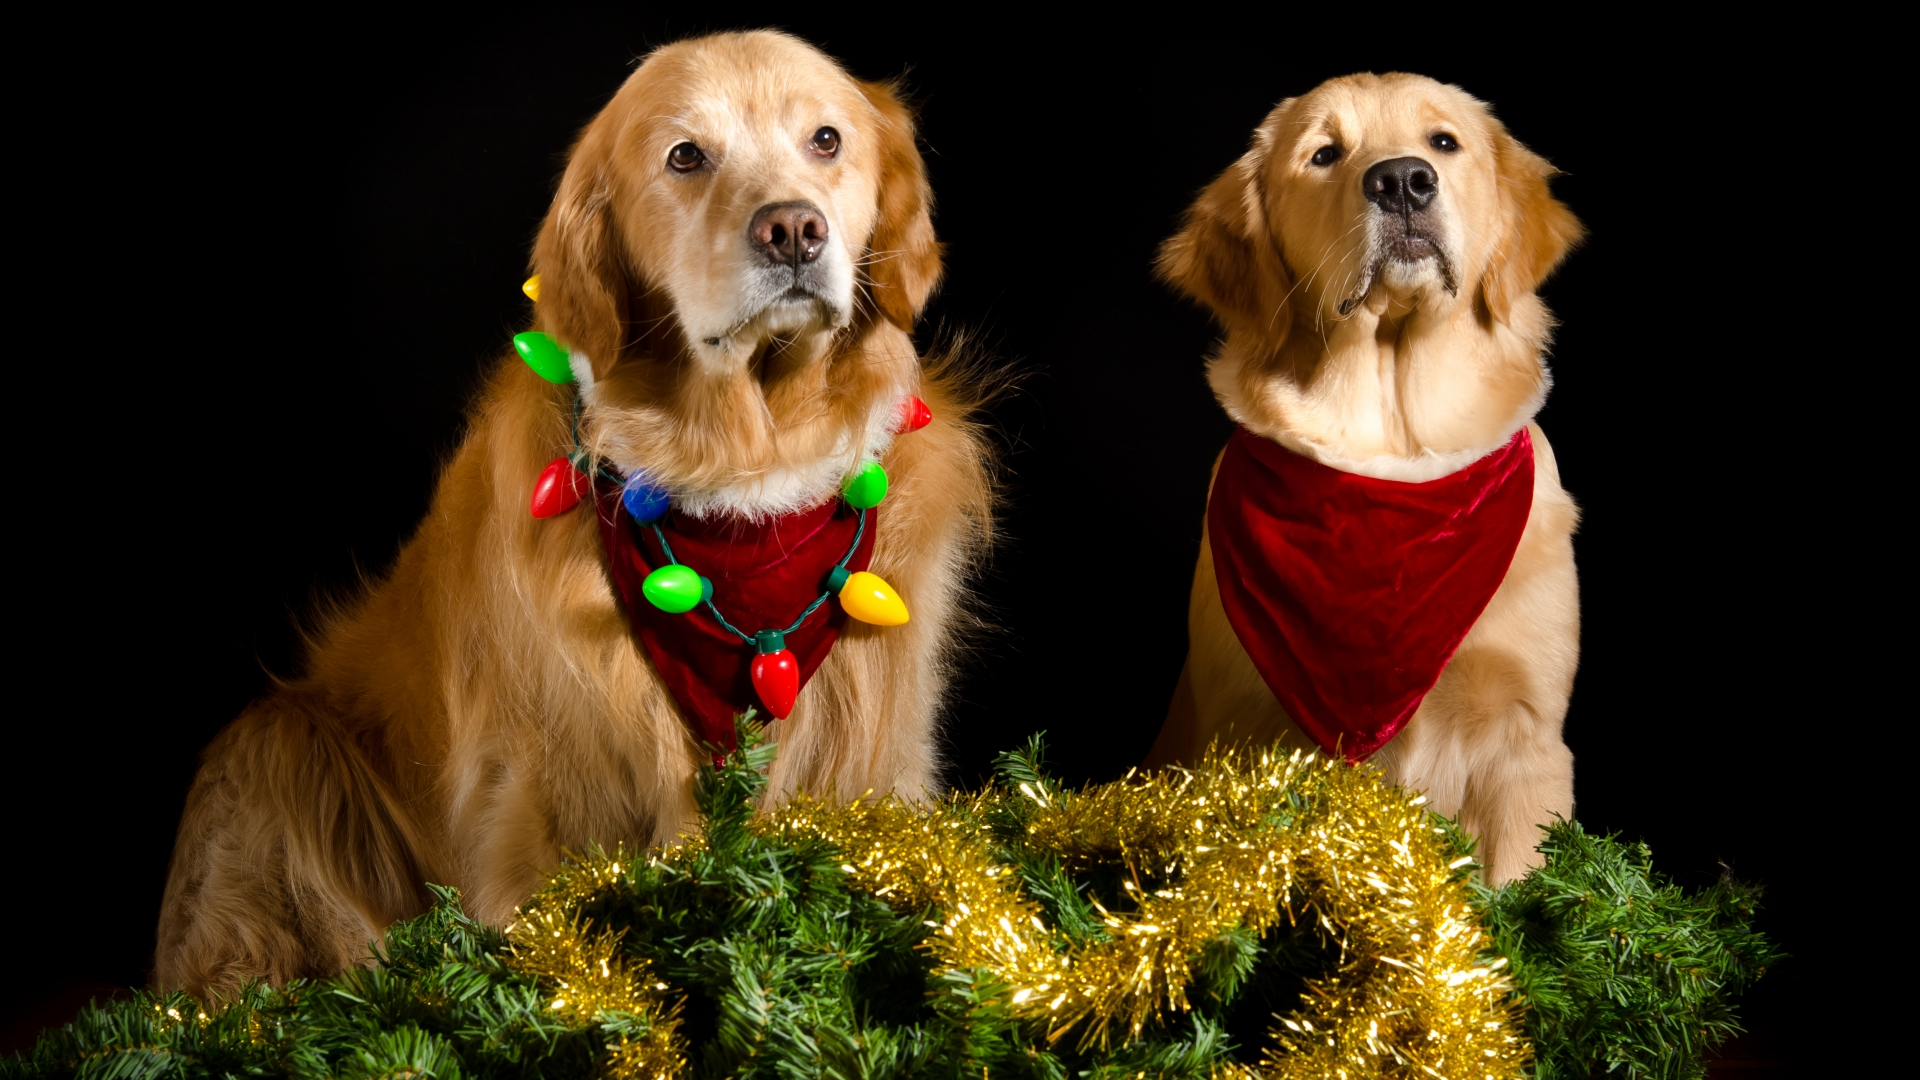 Perros con adornos Navidad - 1920x1080